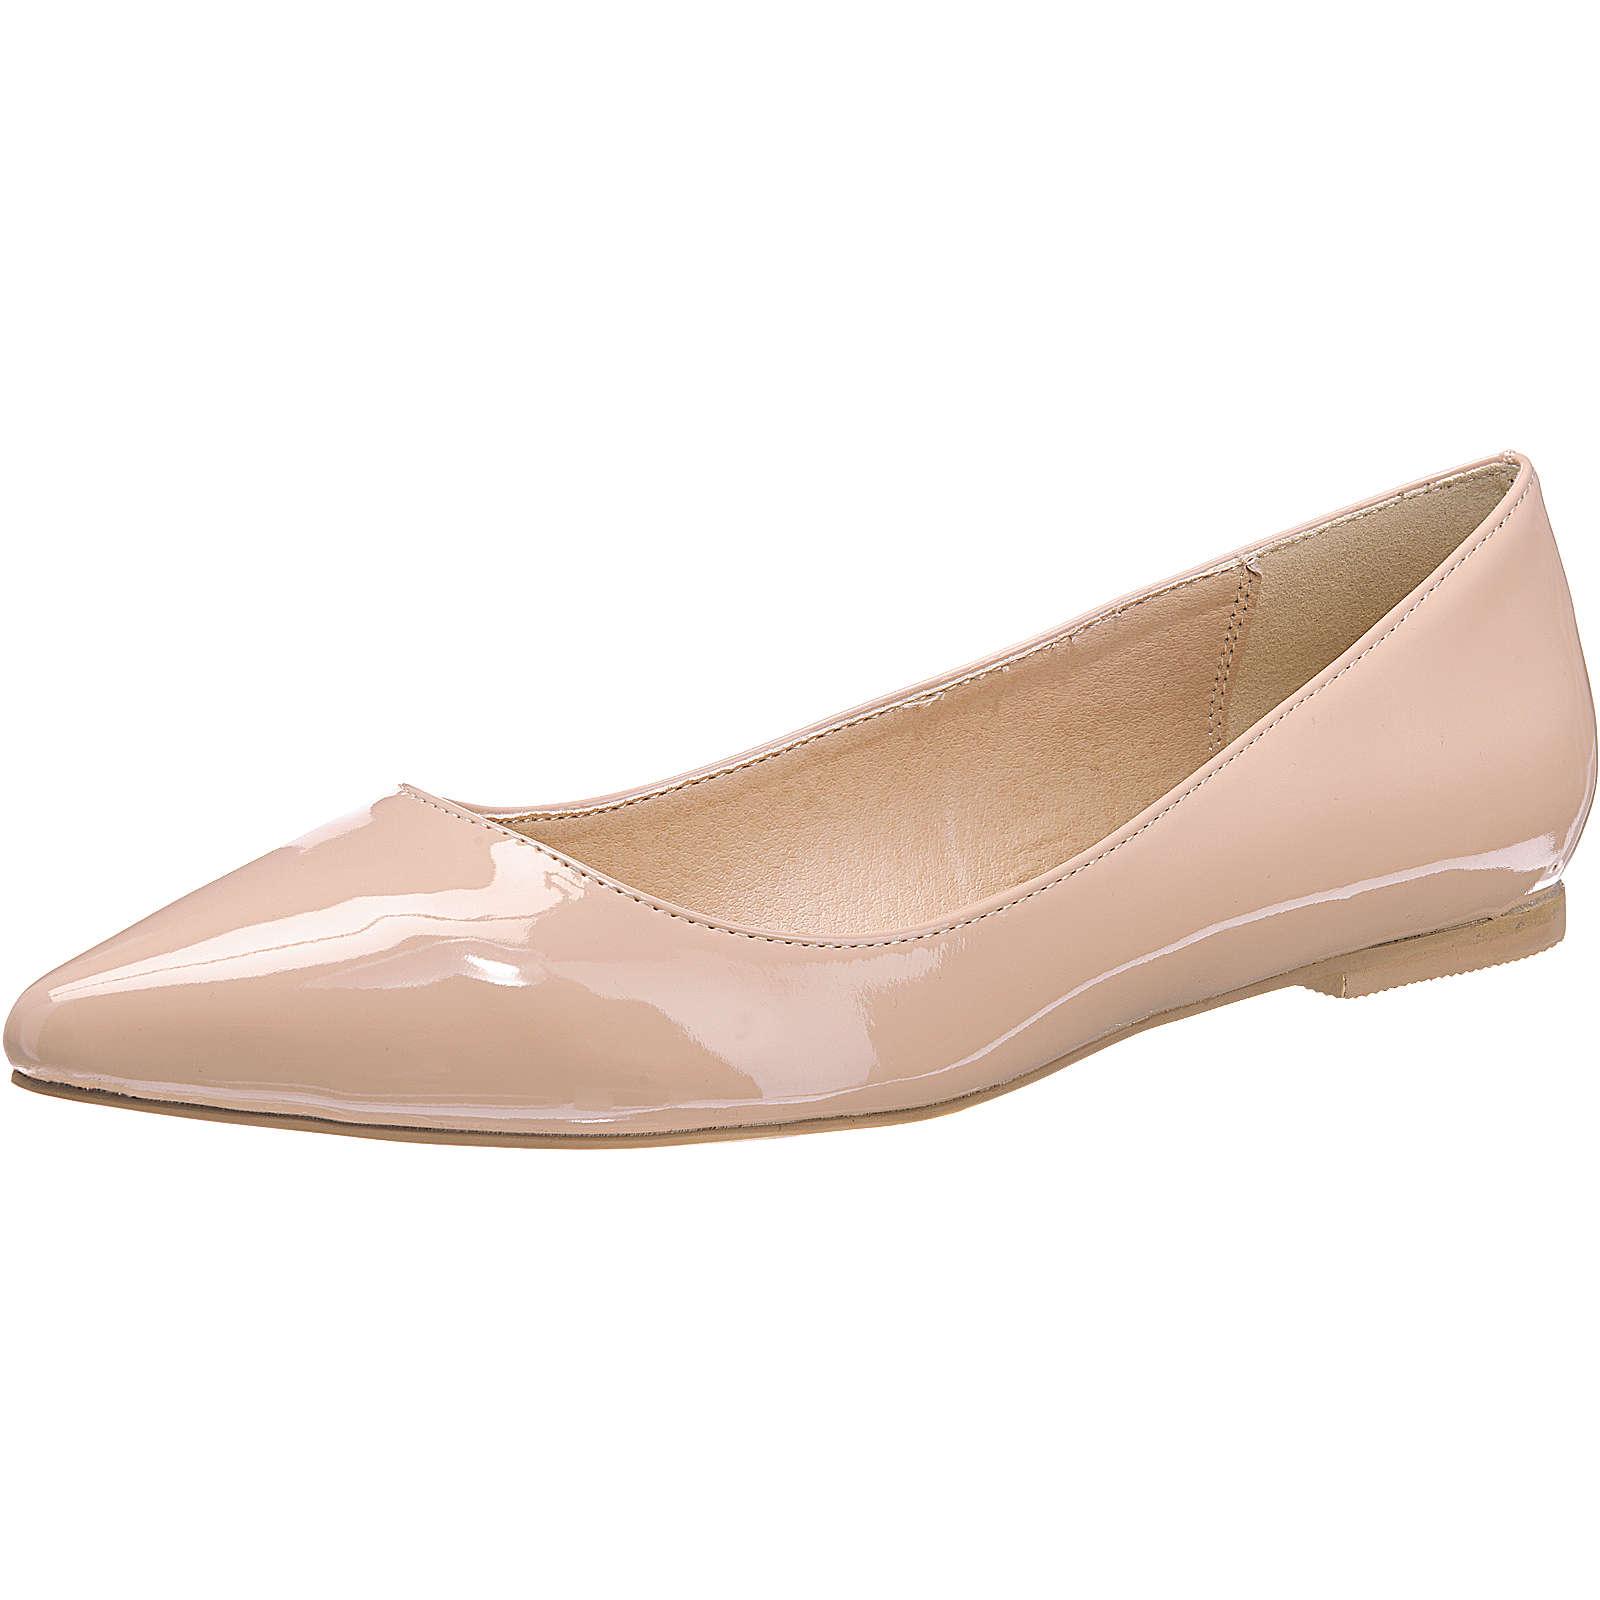 BUFFALO Klassische Ballerinas beige Damen Gr. 36